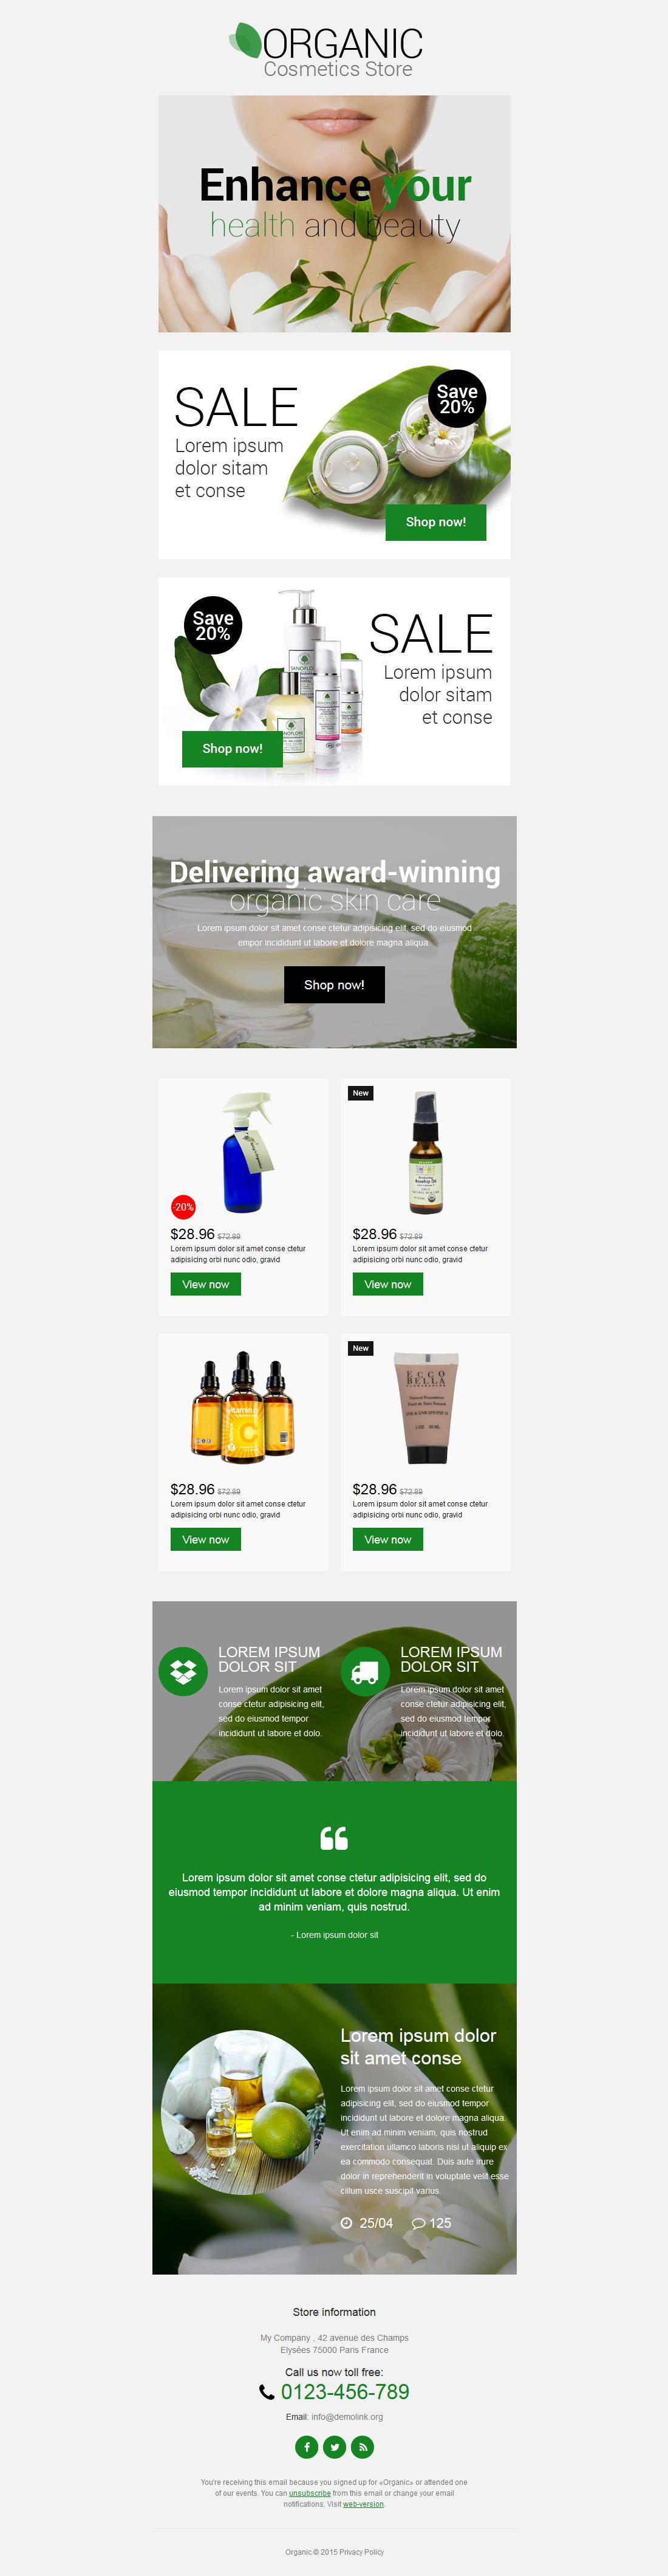 Modello di Newsletter Responsive #53906 per Un Sito di Negozio Cosmetici